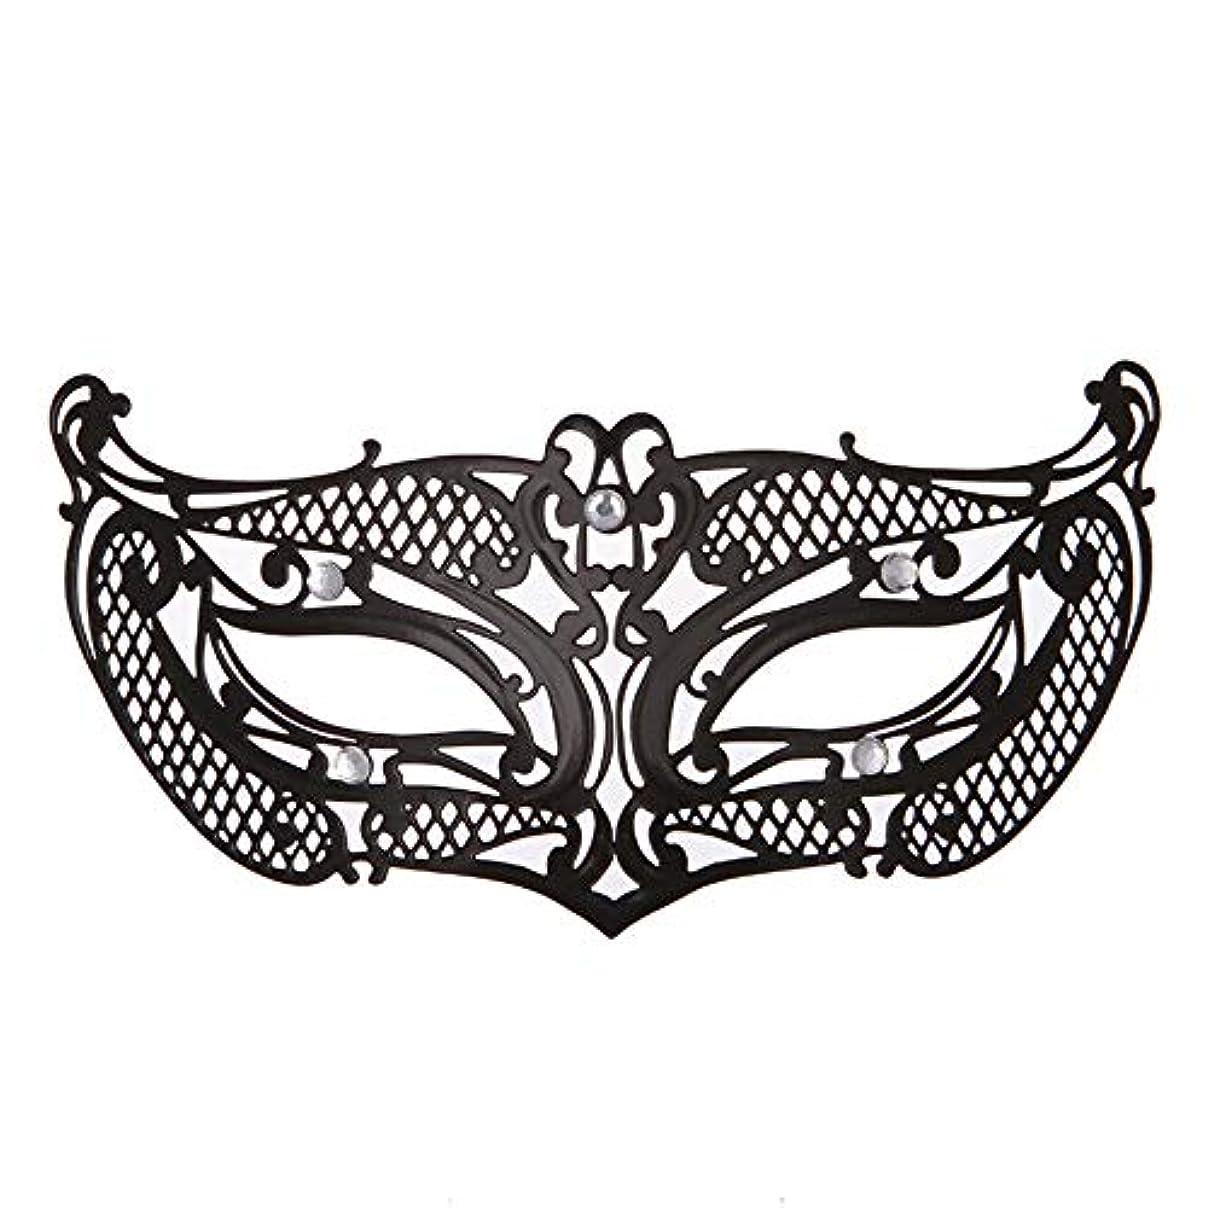 便益広く気づくダンスマスク アイアンメタリックレースとダイヤモンドハーフマスクハロウィンダンスマスクナイトクラブボールマスクコスプレパーティーハロウィンマスク パーティーボールマスク (色 : ブラック, サイズ : 19x8cm)